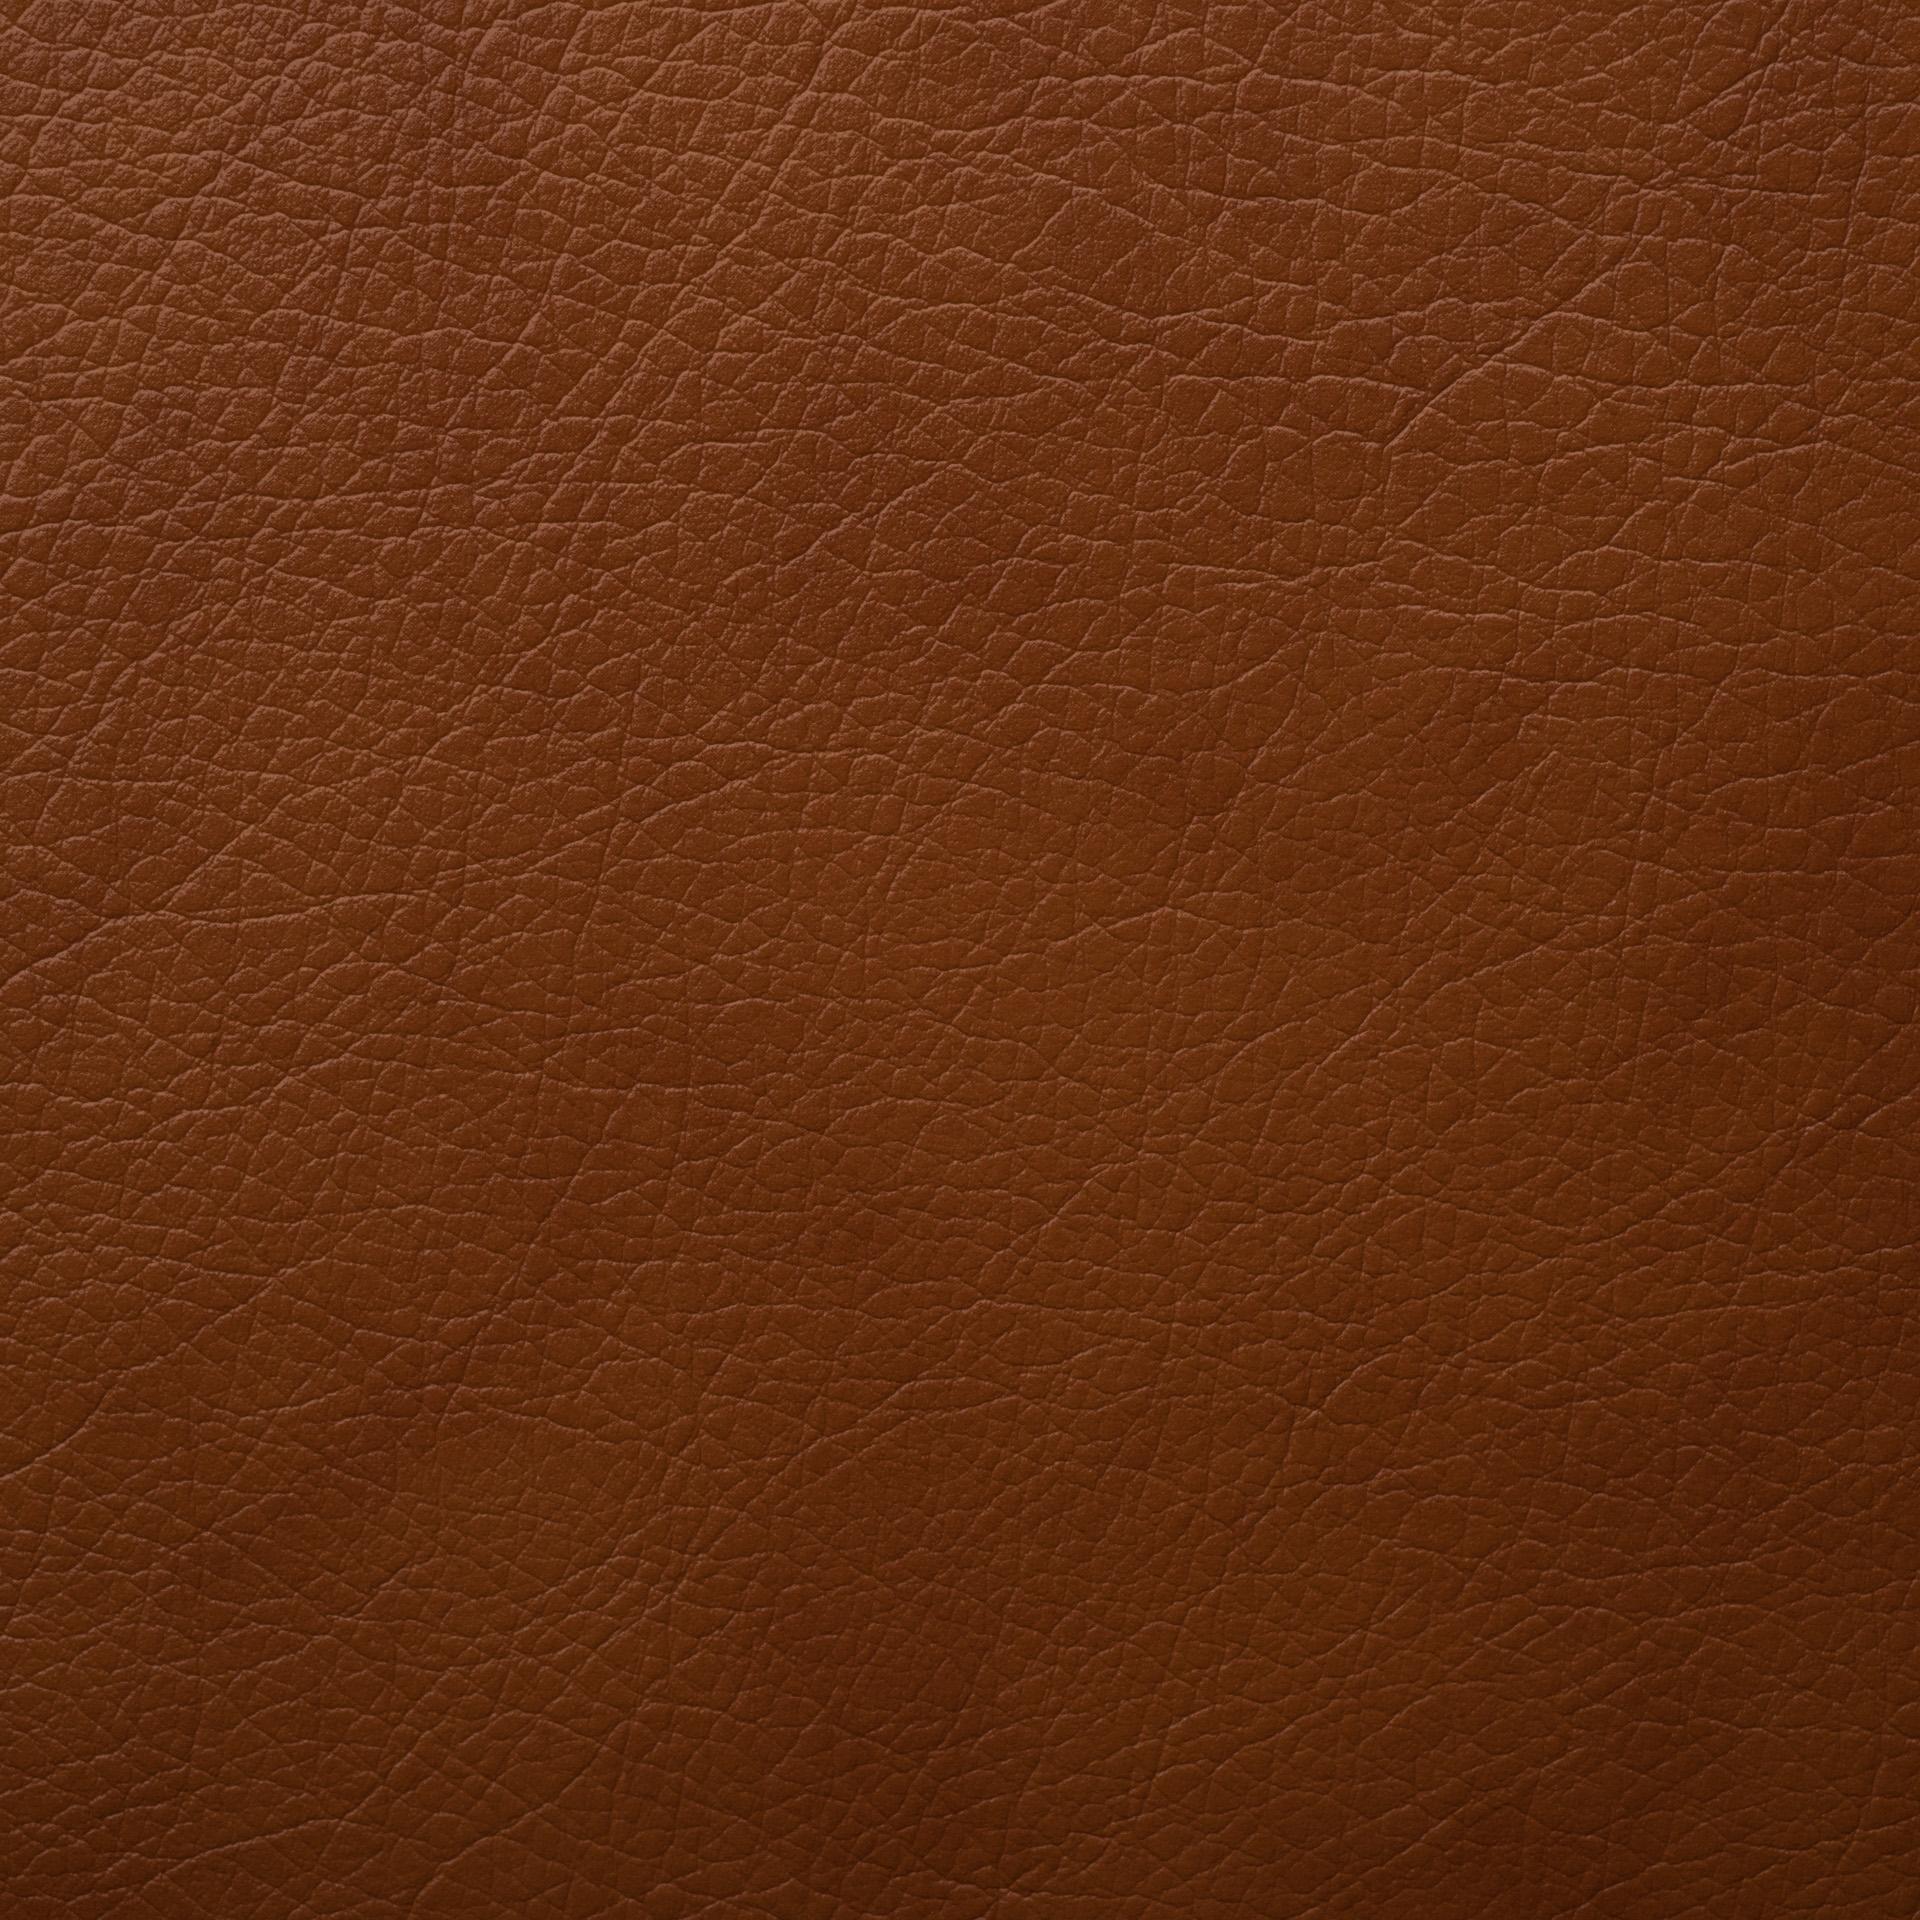 Коллекция ткани Титан COGNAC,  купить ткань Кож зам для мебели Украина